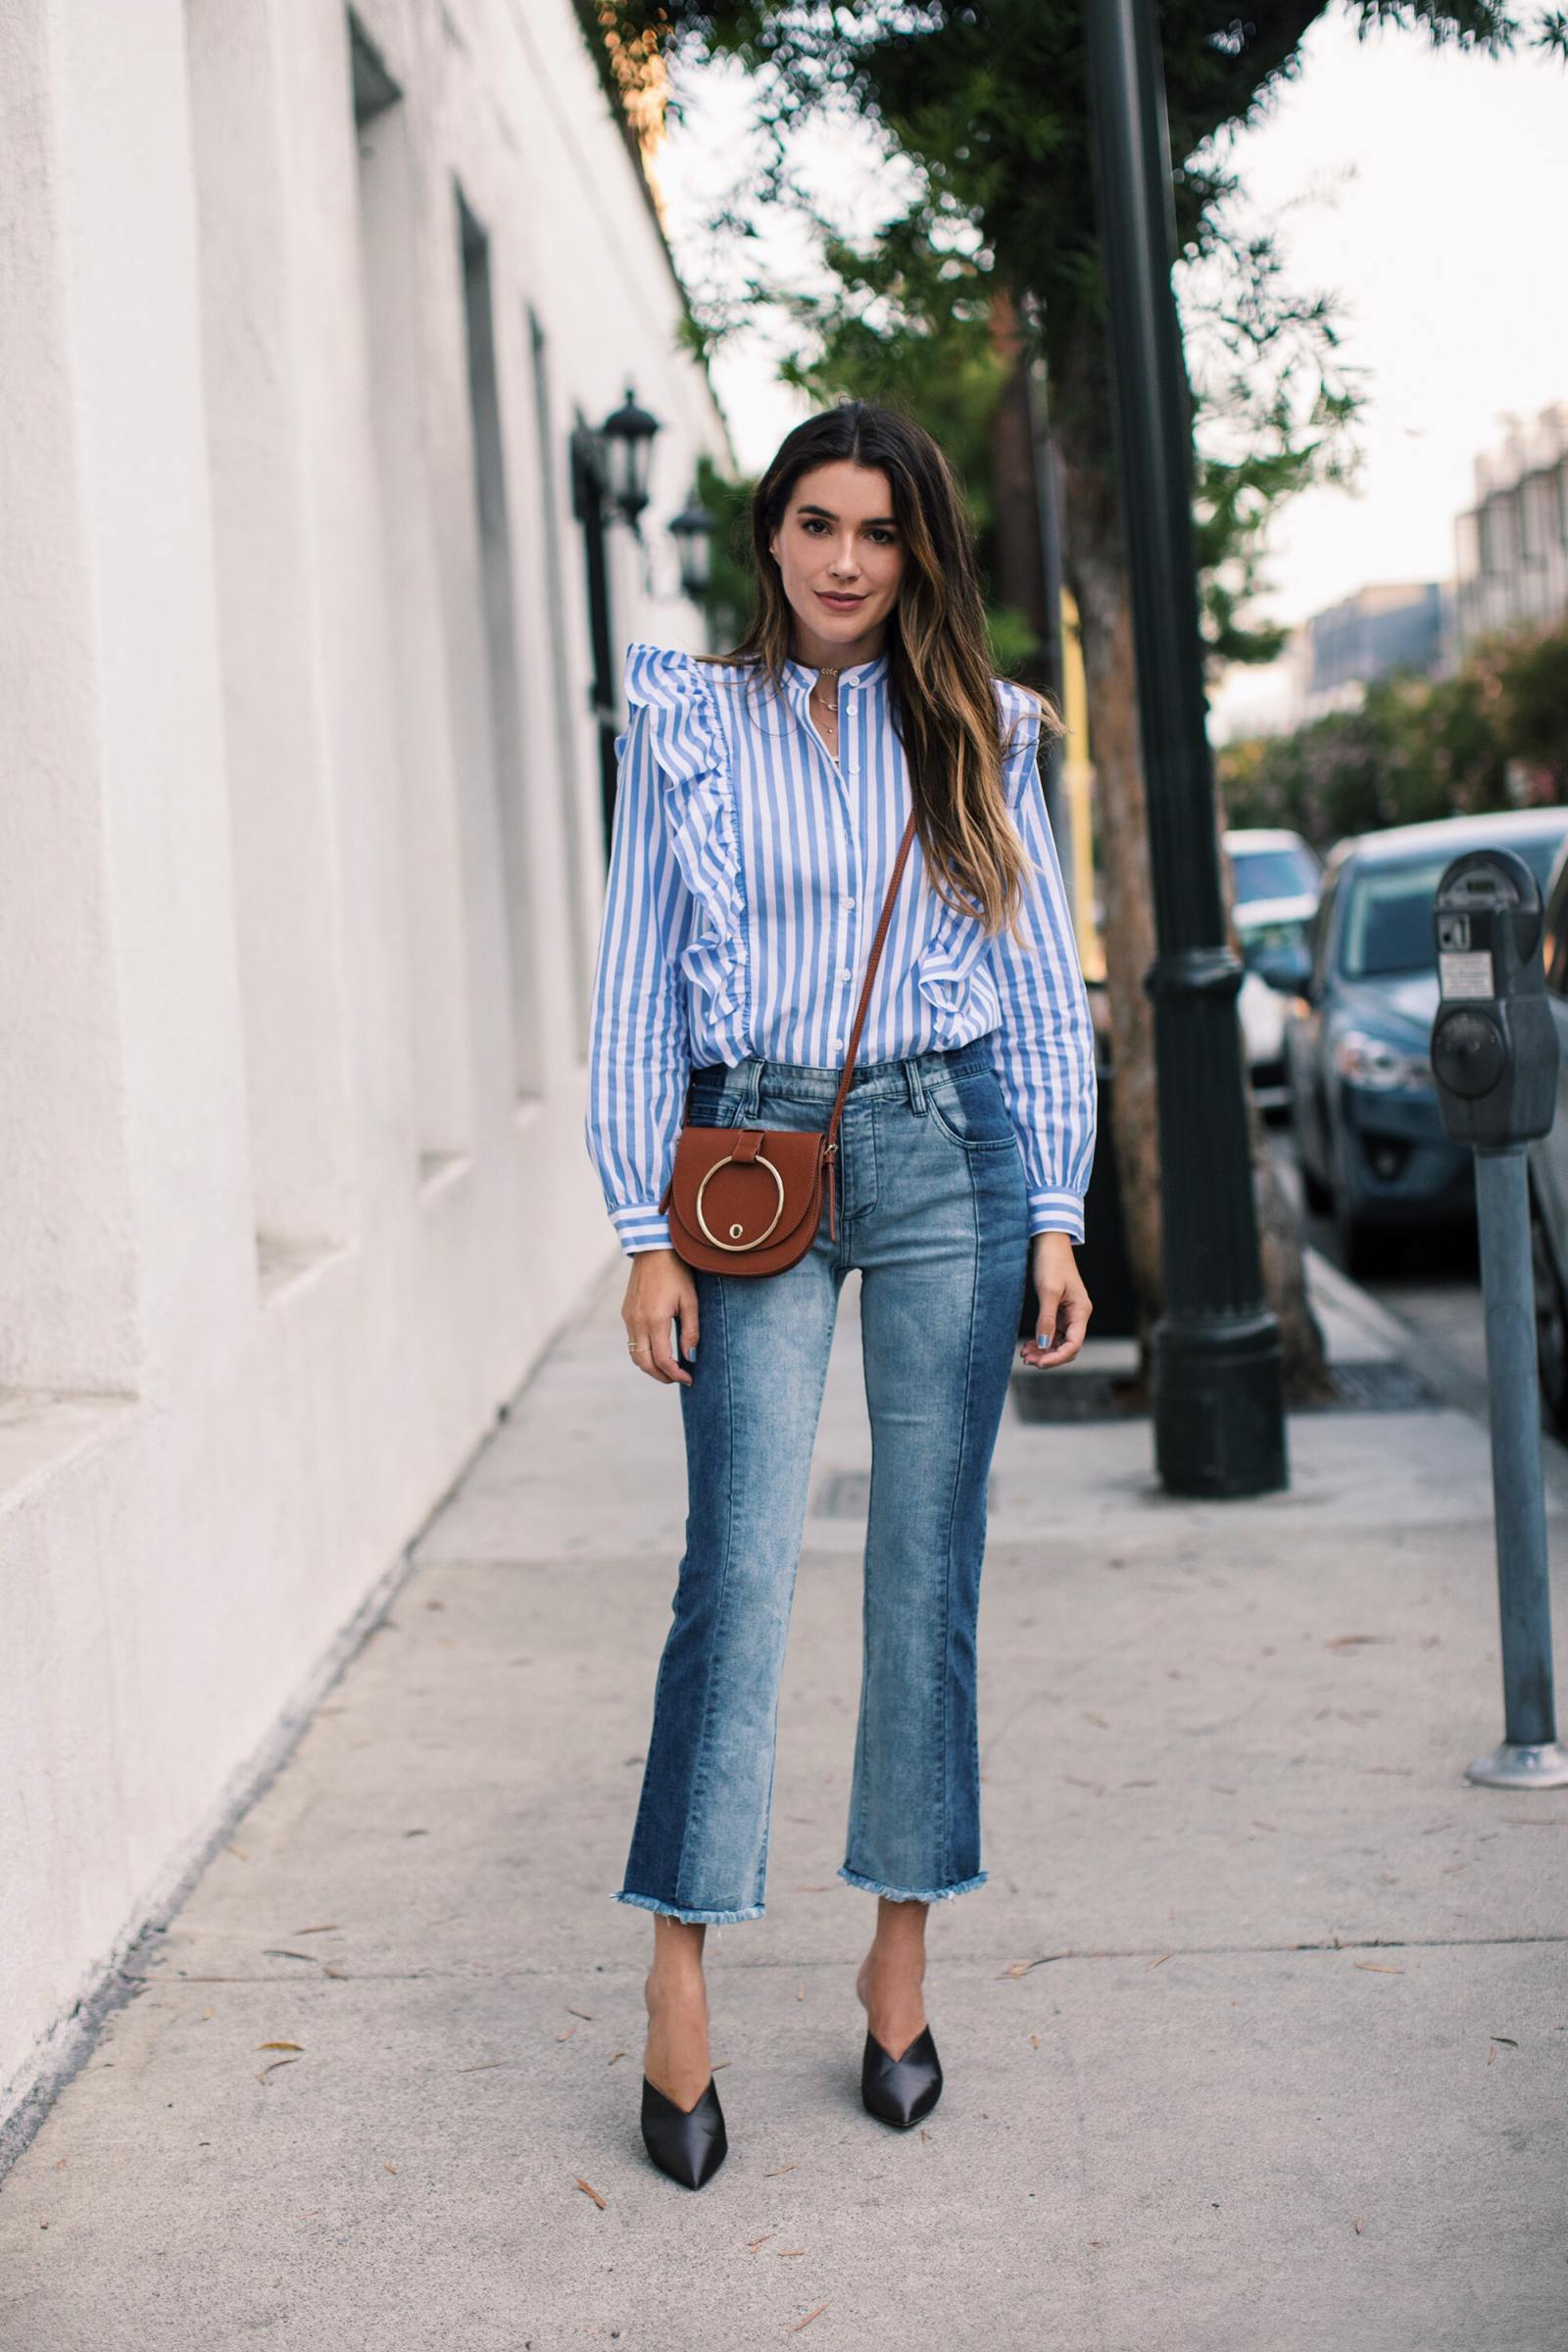 áo sơ mi kẻ sọc mặc cùng quần jeans ống loe brittany xavier